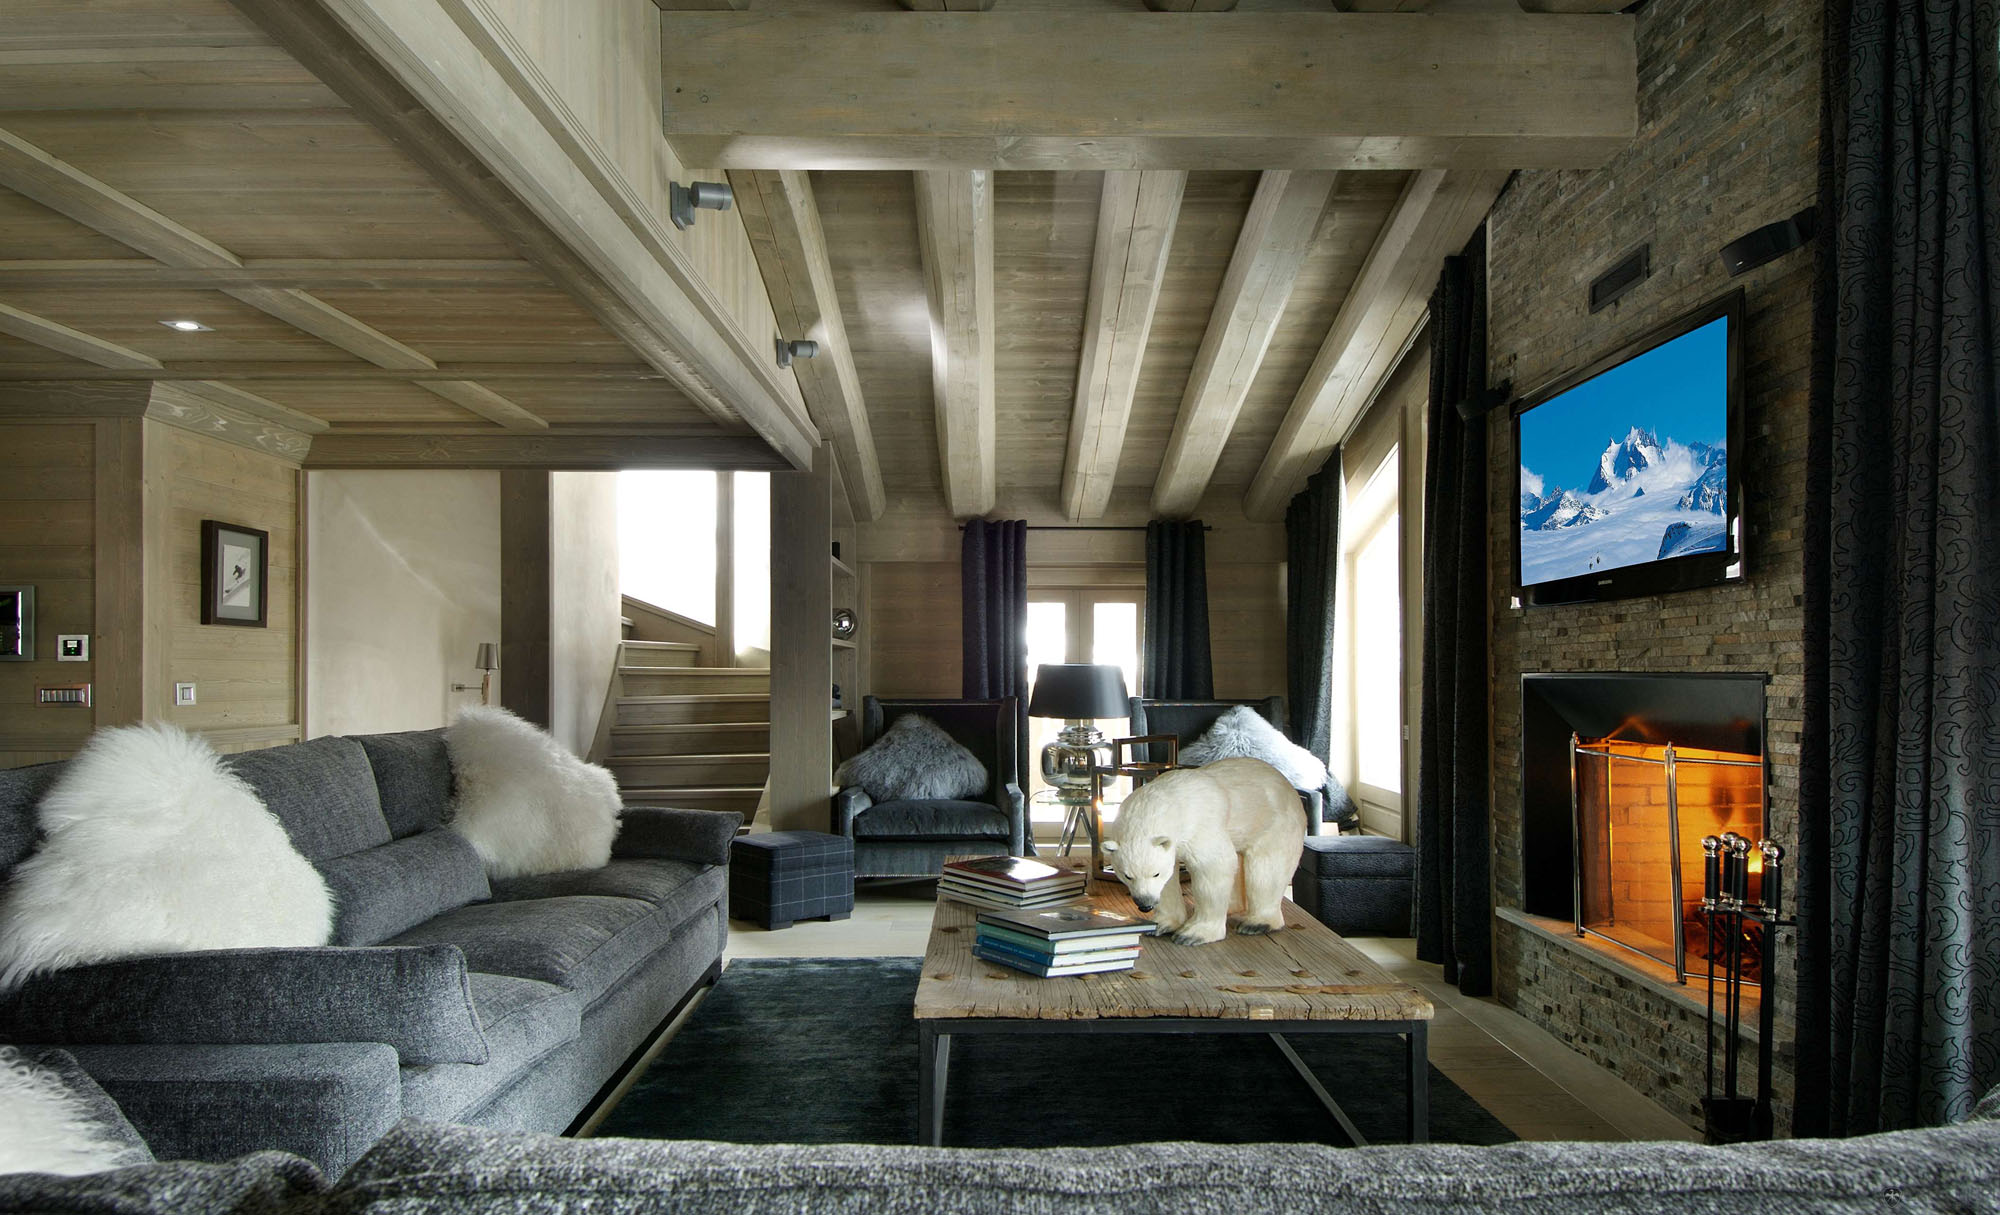 Luxus Interieur Ideen fürs Wohnzimmer – 70 moderne, innovative ...